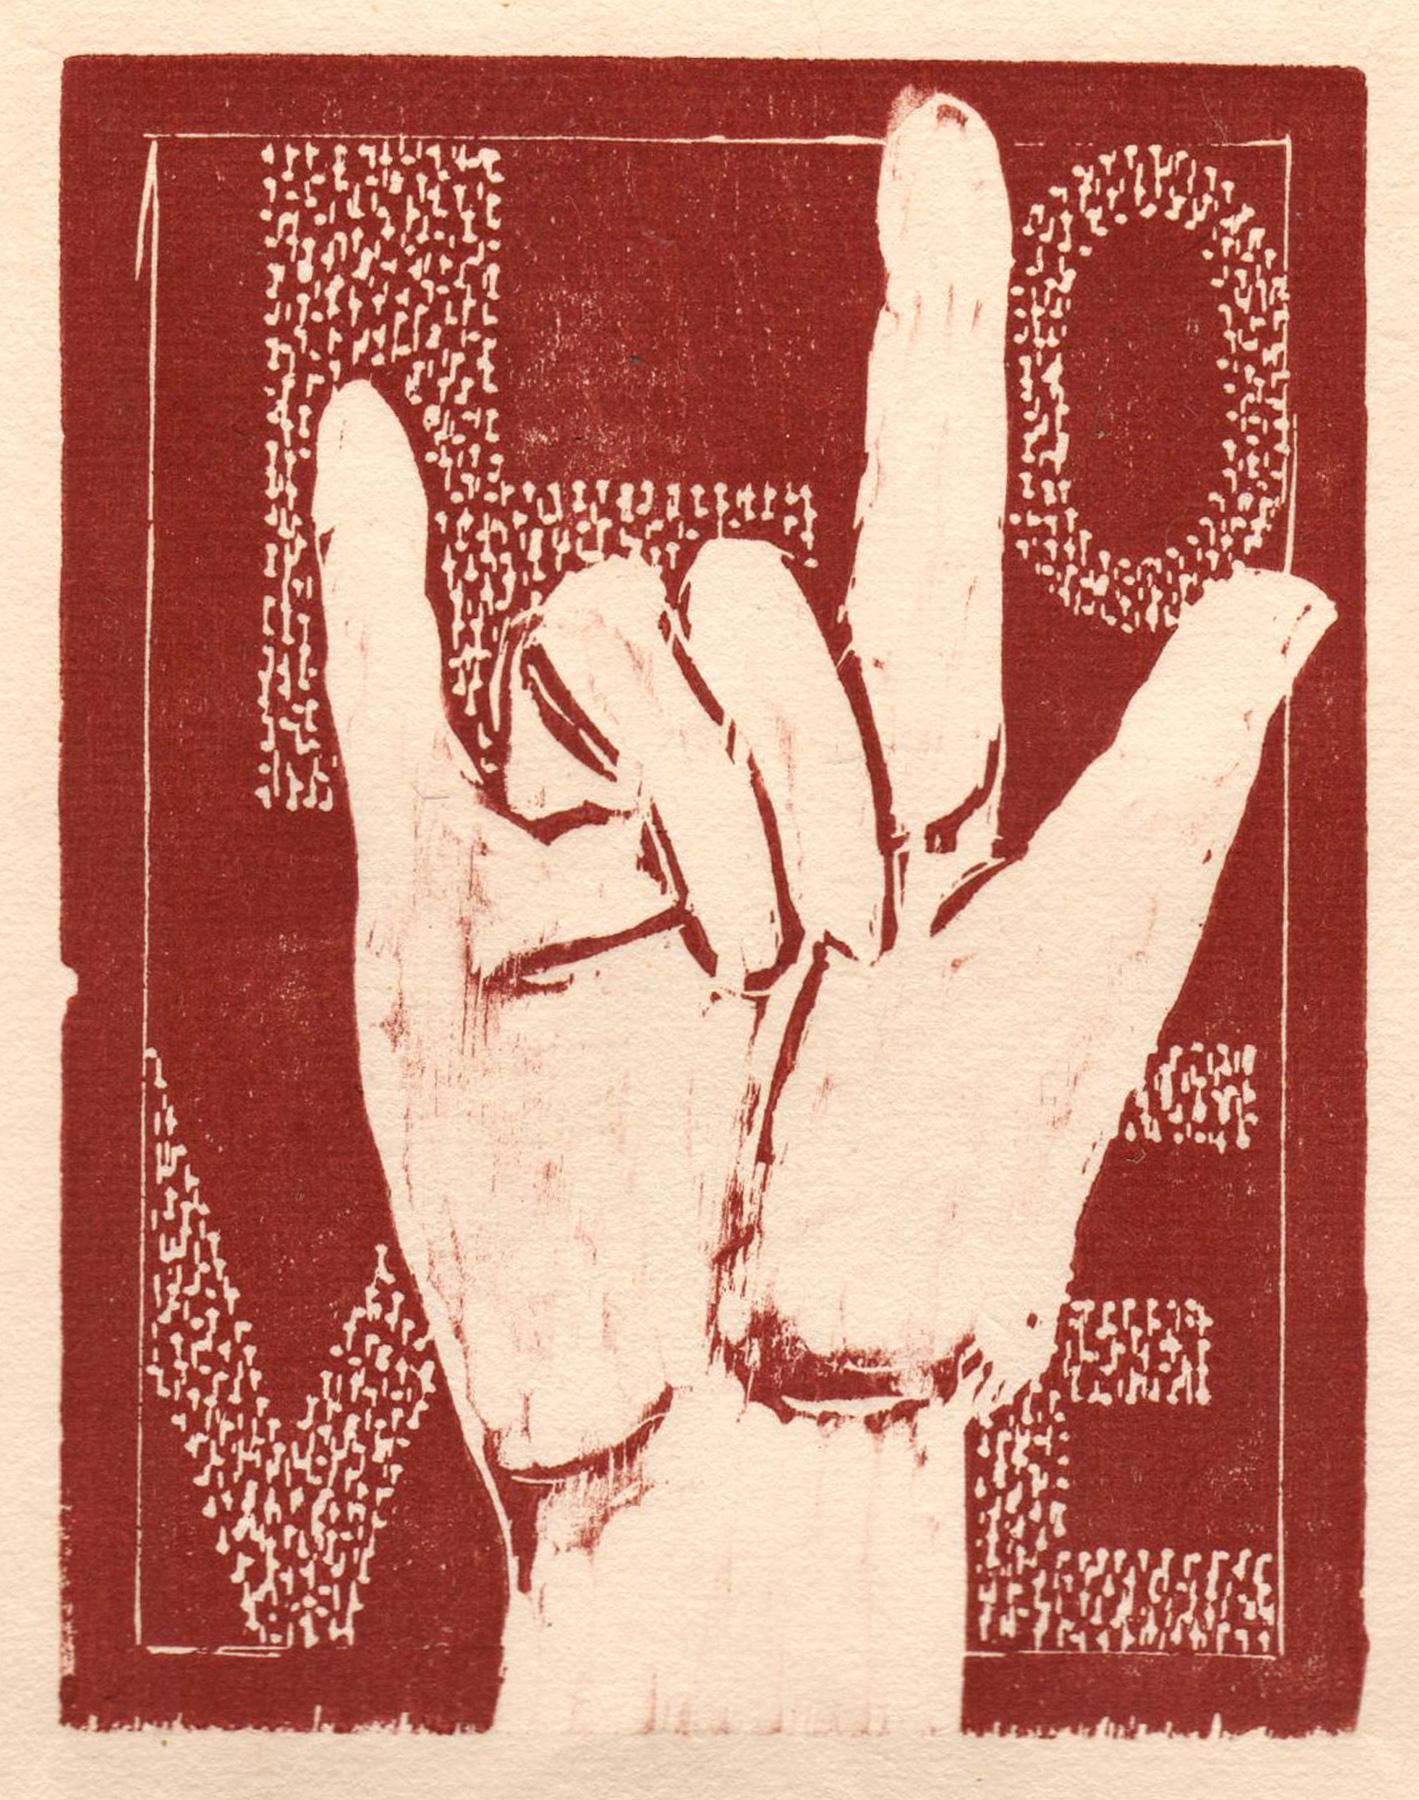 """'Helping Hands, Love', woodcut, 6.5"""" x 5"""", $80 unframed"""